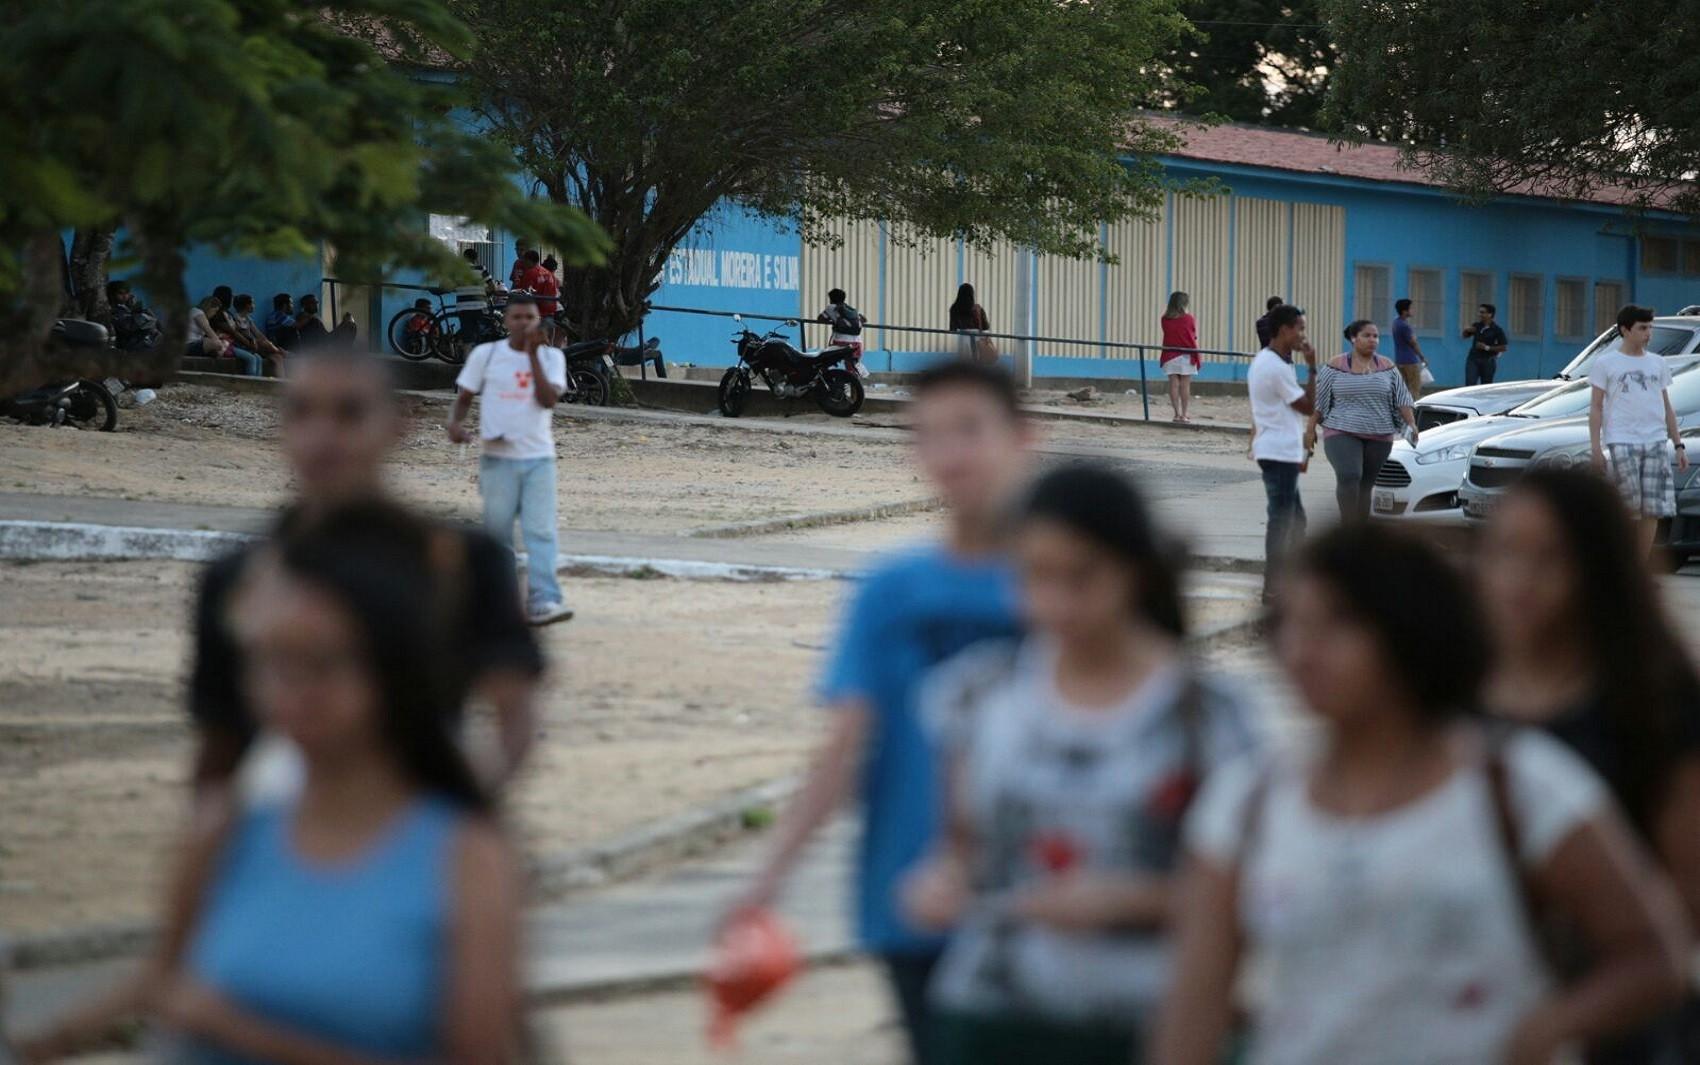 Número de inscritos no Enem em Alagoas aumenta após três anos seguidos de queda - Notícias - Plantão Diário